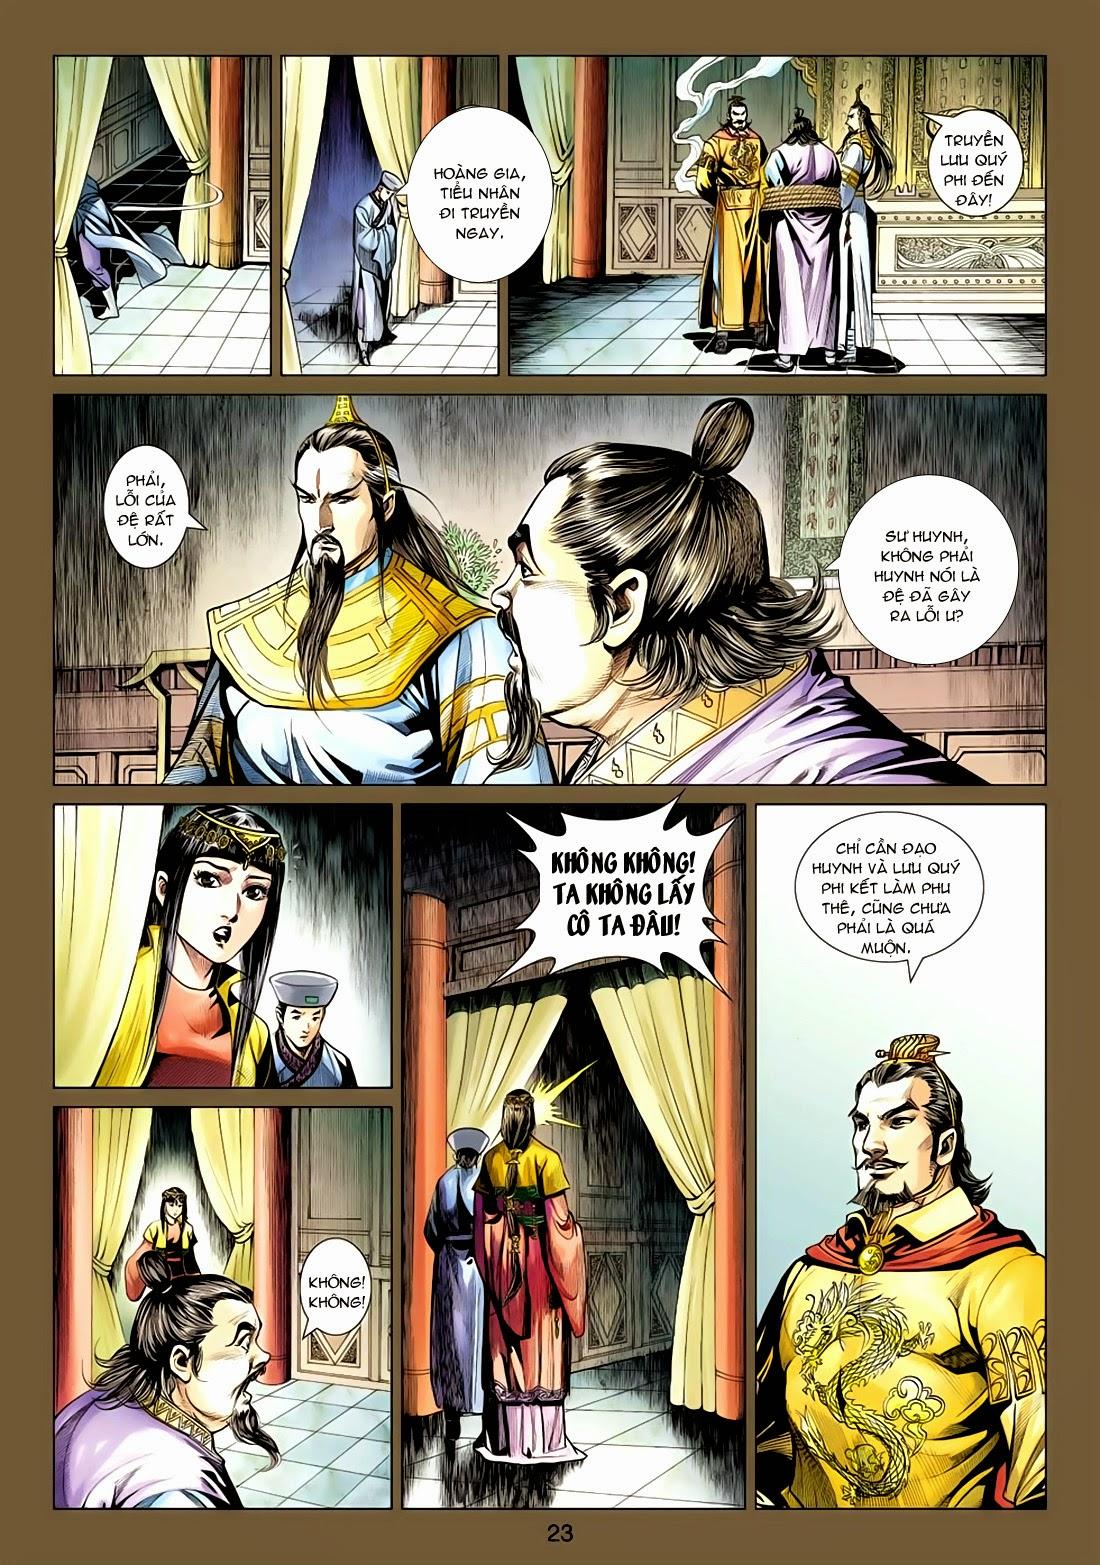 Anh Hùng Xạ Điêu anh hùng xạ đêu chap 77: thế thượng tối cường võ công trang 23